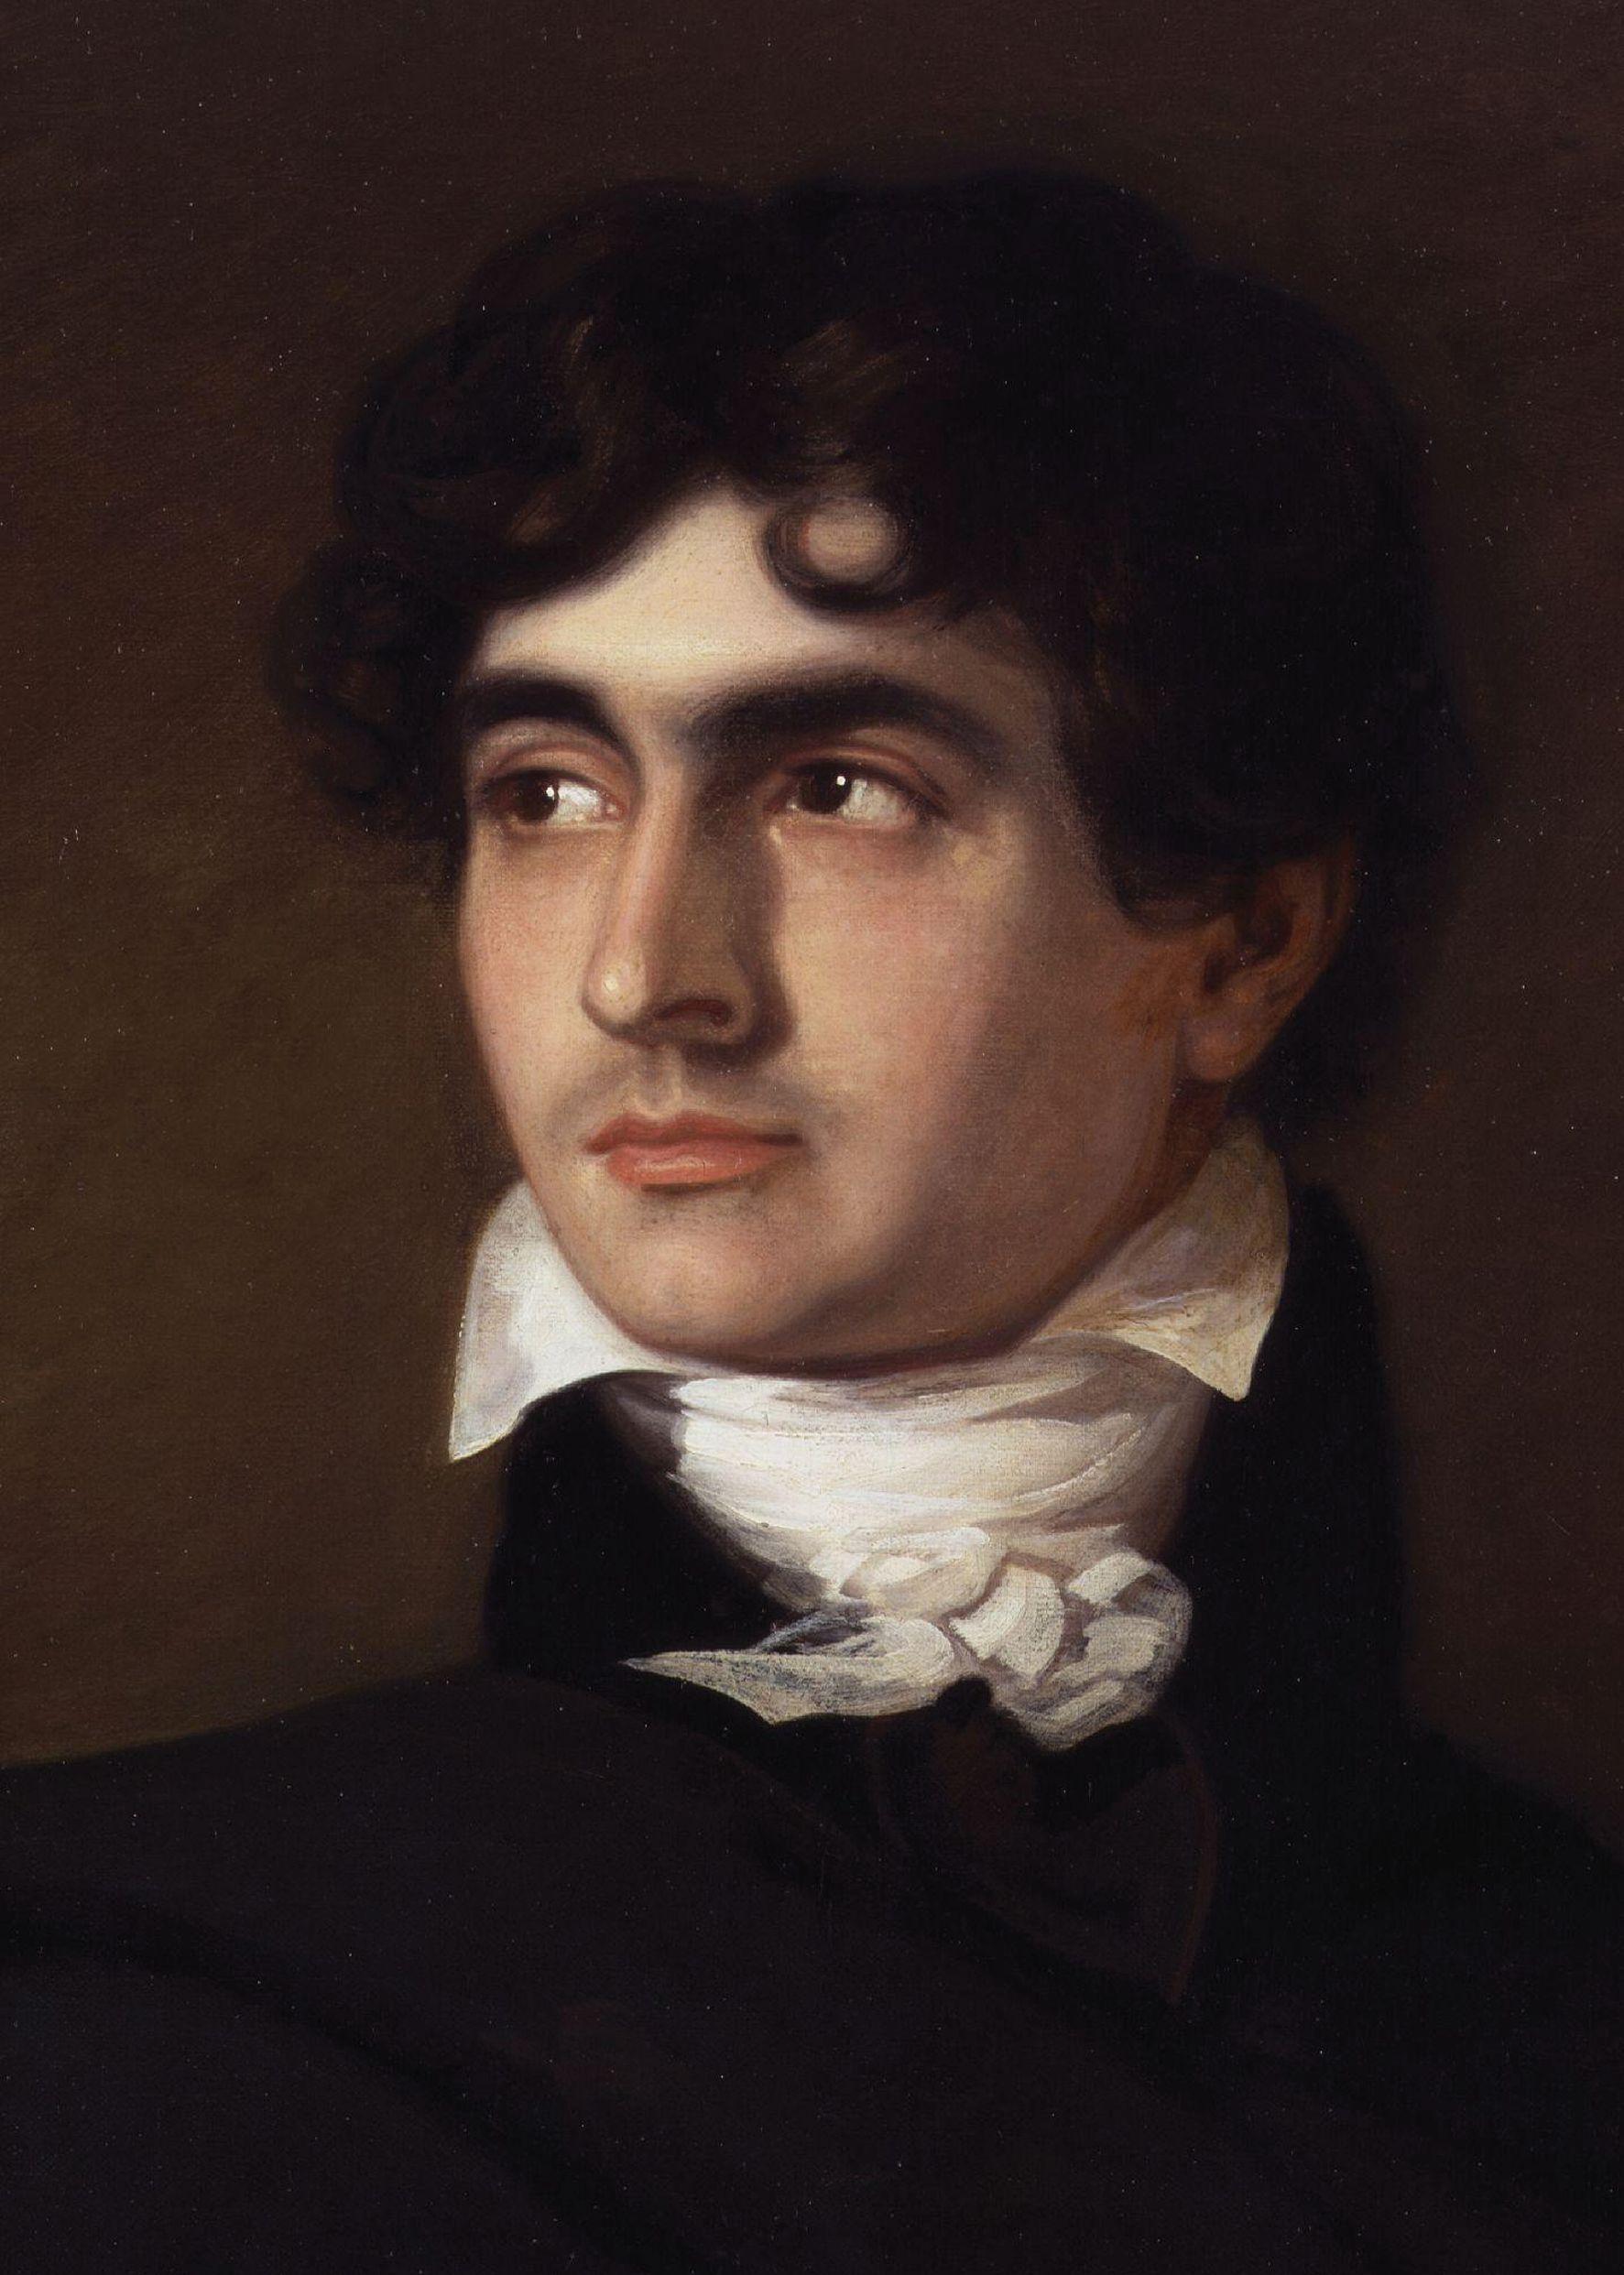 John Polidori